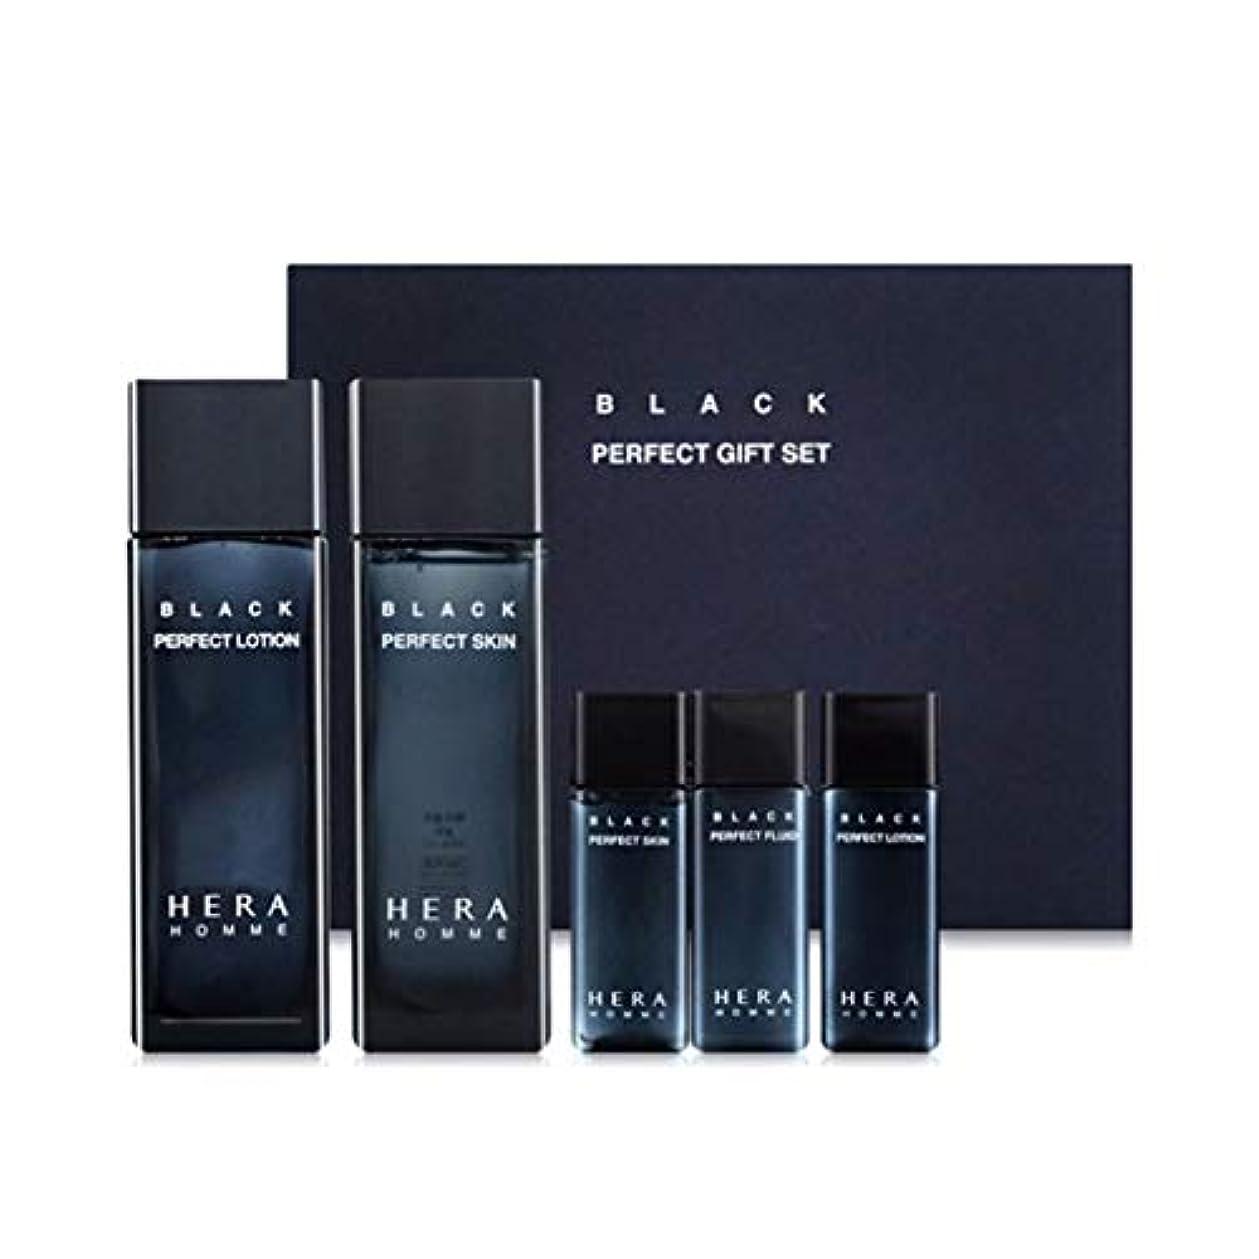 うんざり冷淡なまた明日ねヘラオムブラックパーフェクトスキンローションセットメンズコスメ韓国コスメ、Hera Homme Black Perfect Skin Lotion Set Men's Cosmetics Korean Cosmetics...